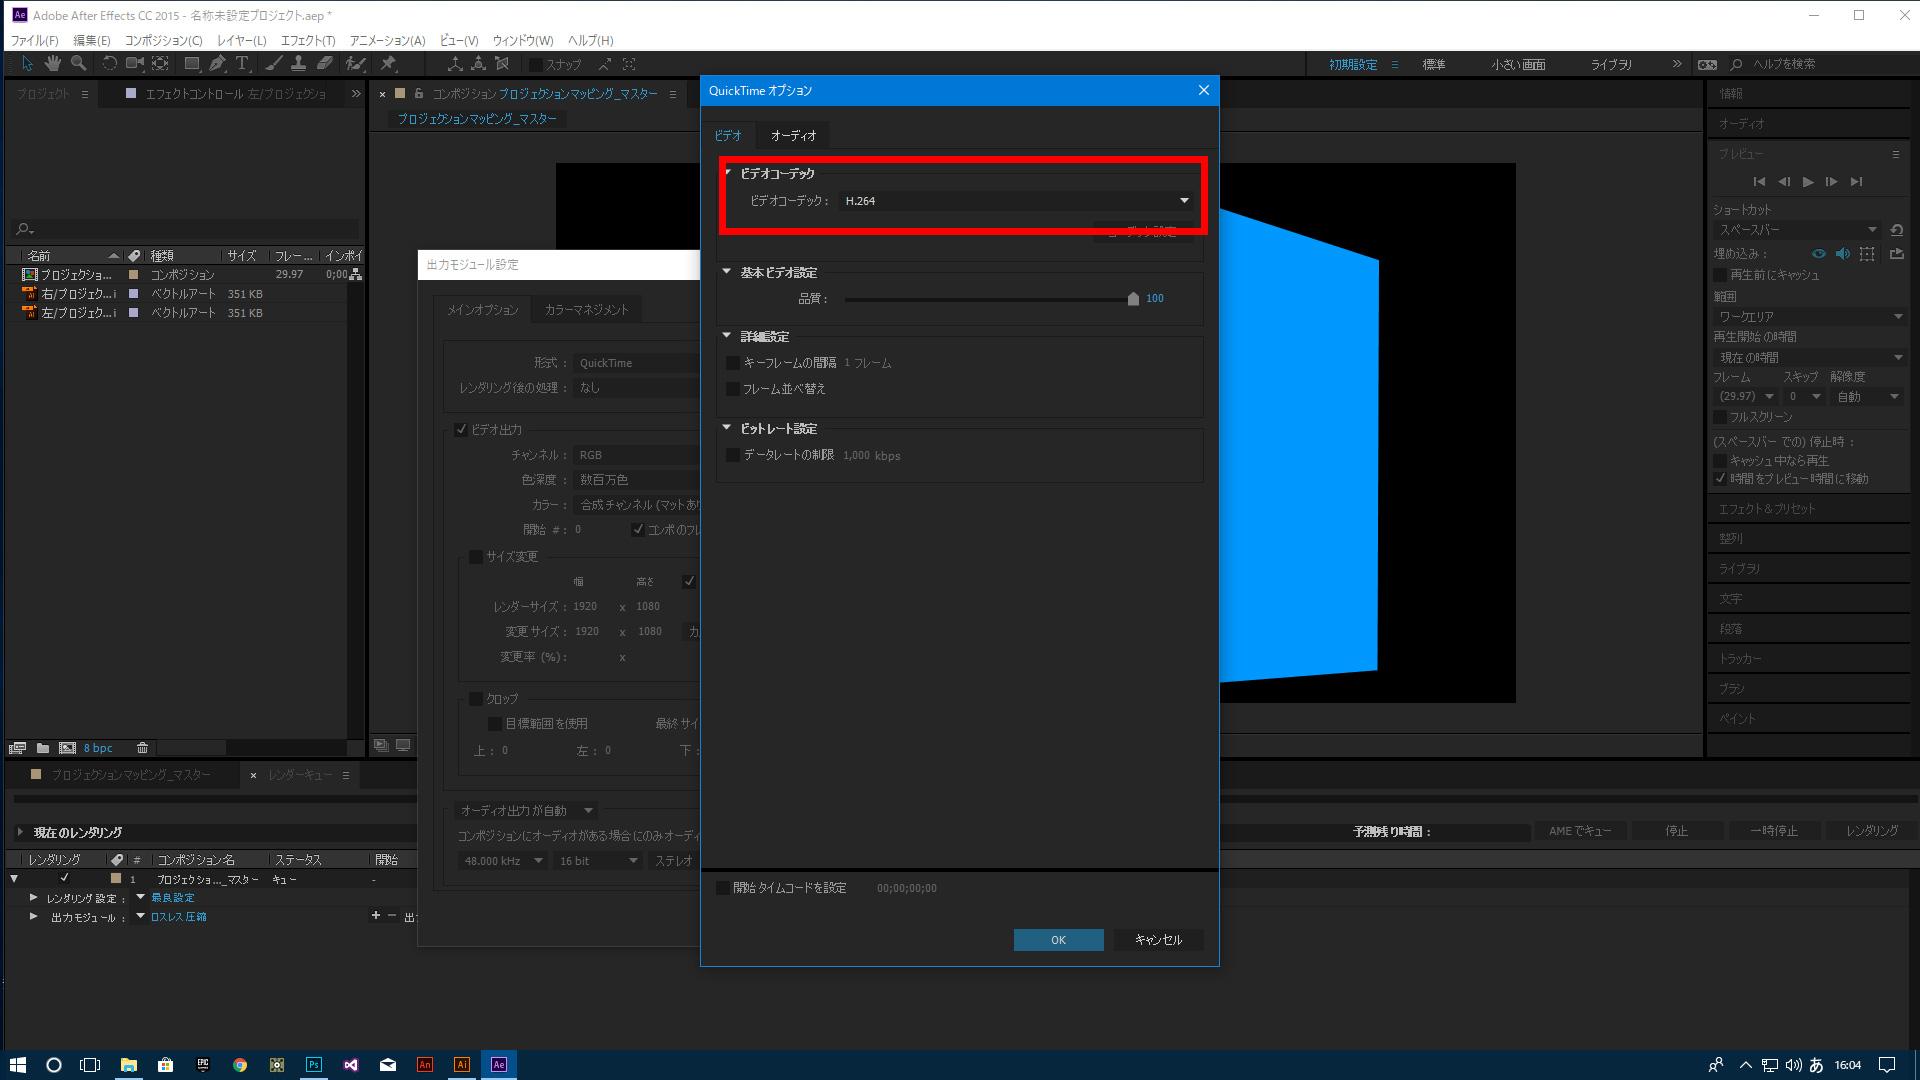 クイックタイムオプションのダイアログが表示されるので、ビデオコーデックを「H.264」にしてOKを押す